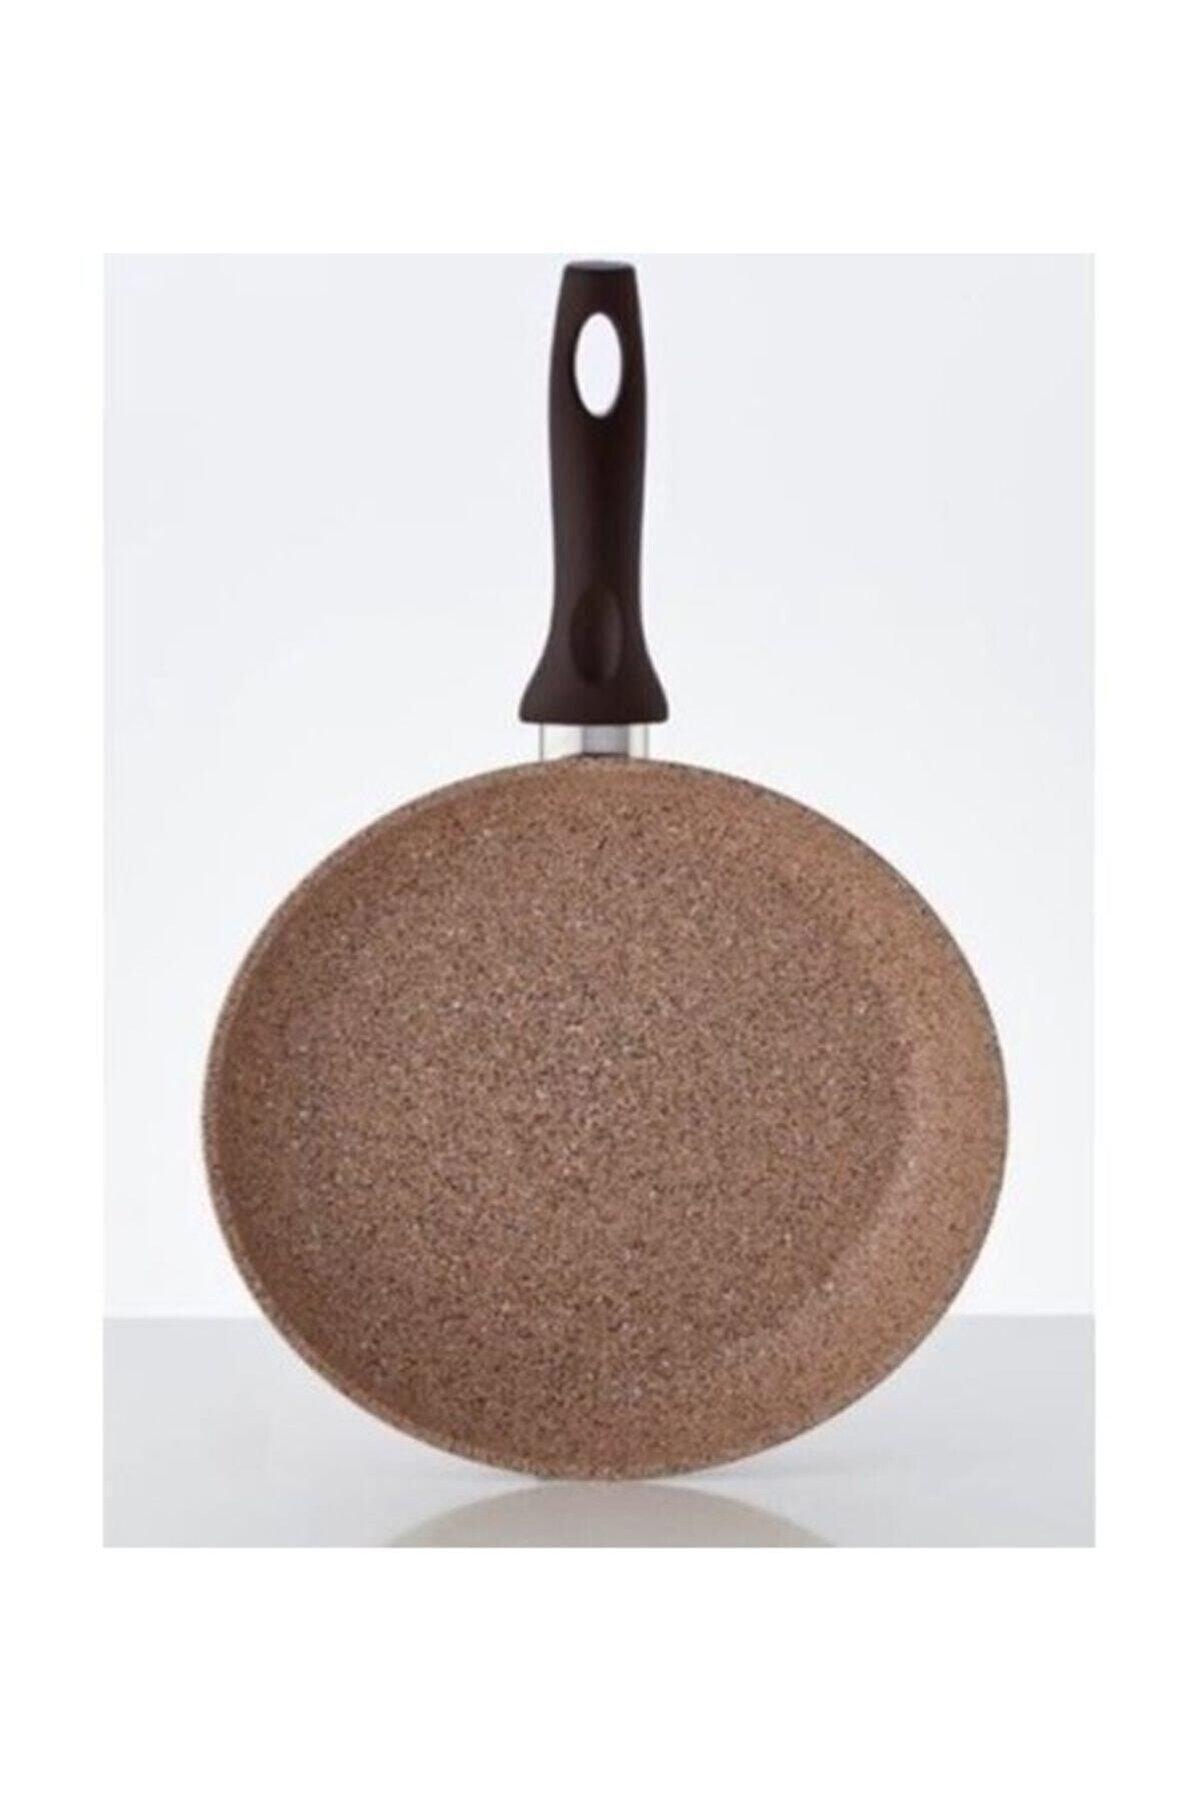 Falez Creamy Granitec 24 Cm Tava